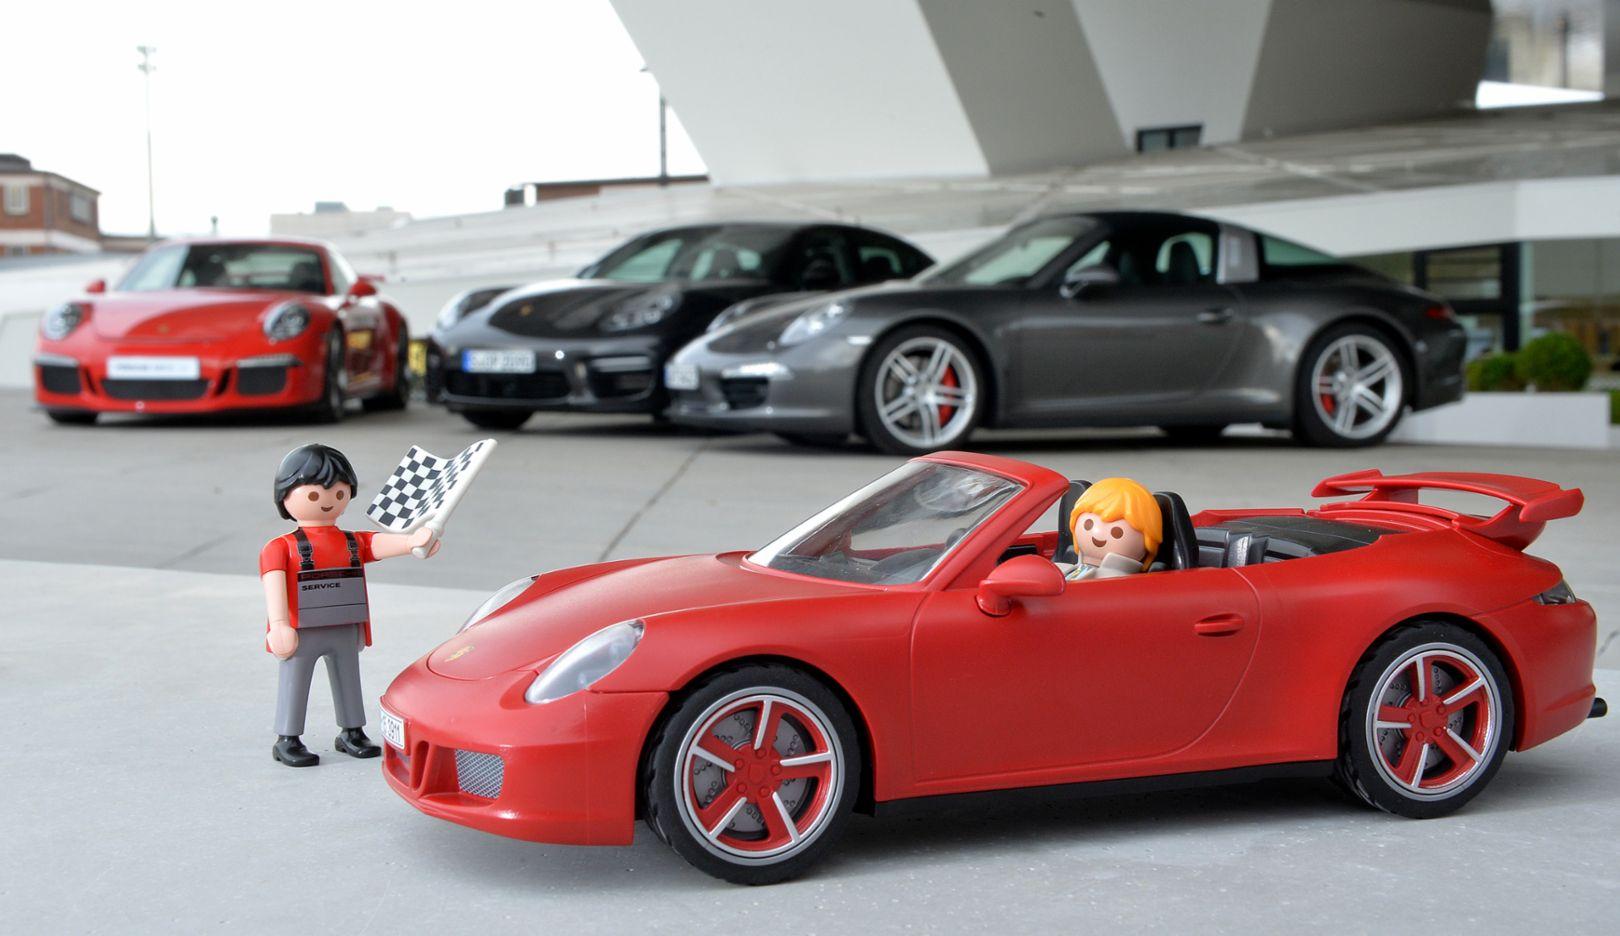 911 Carrera S Cabriolet, Playmobil, 911 Carrera S Cabriolet, 2015, Porsche AG